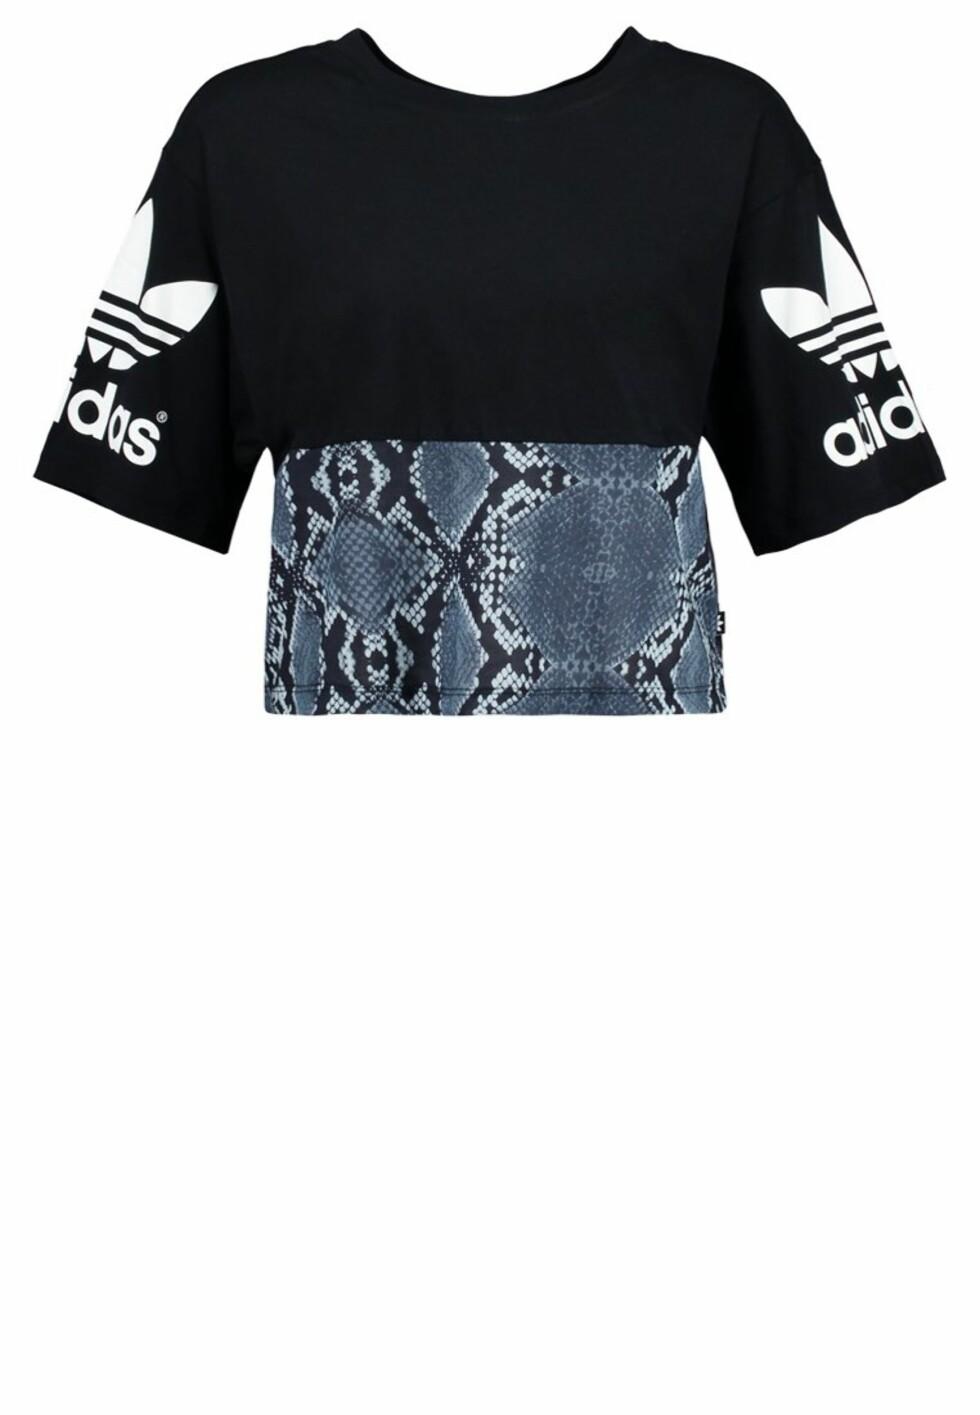 T-skjorte fra Adidas via Zalando.no, kr 299. Foto: Zalando.no